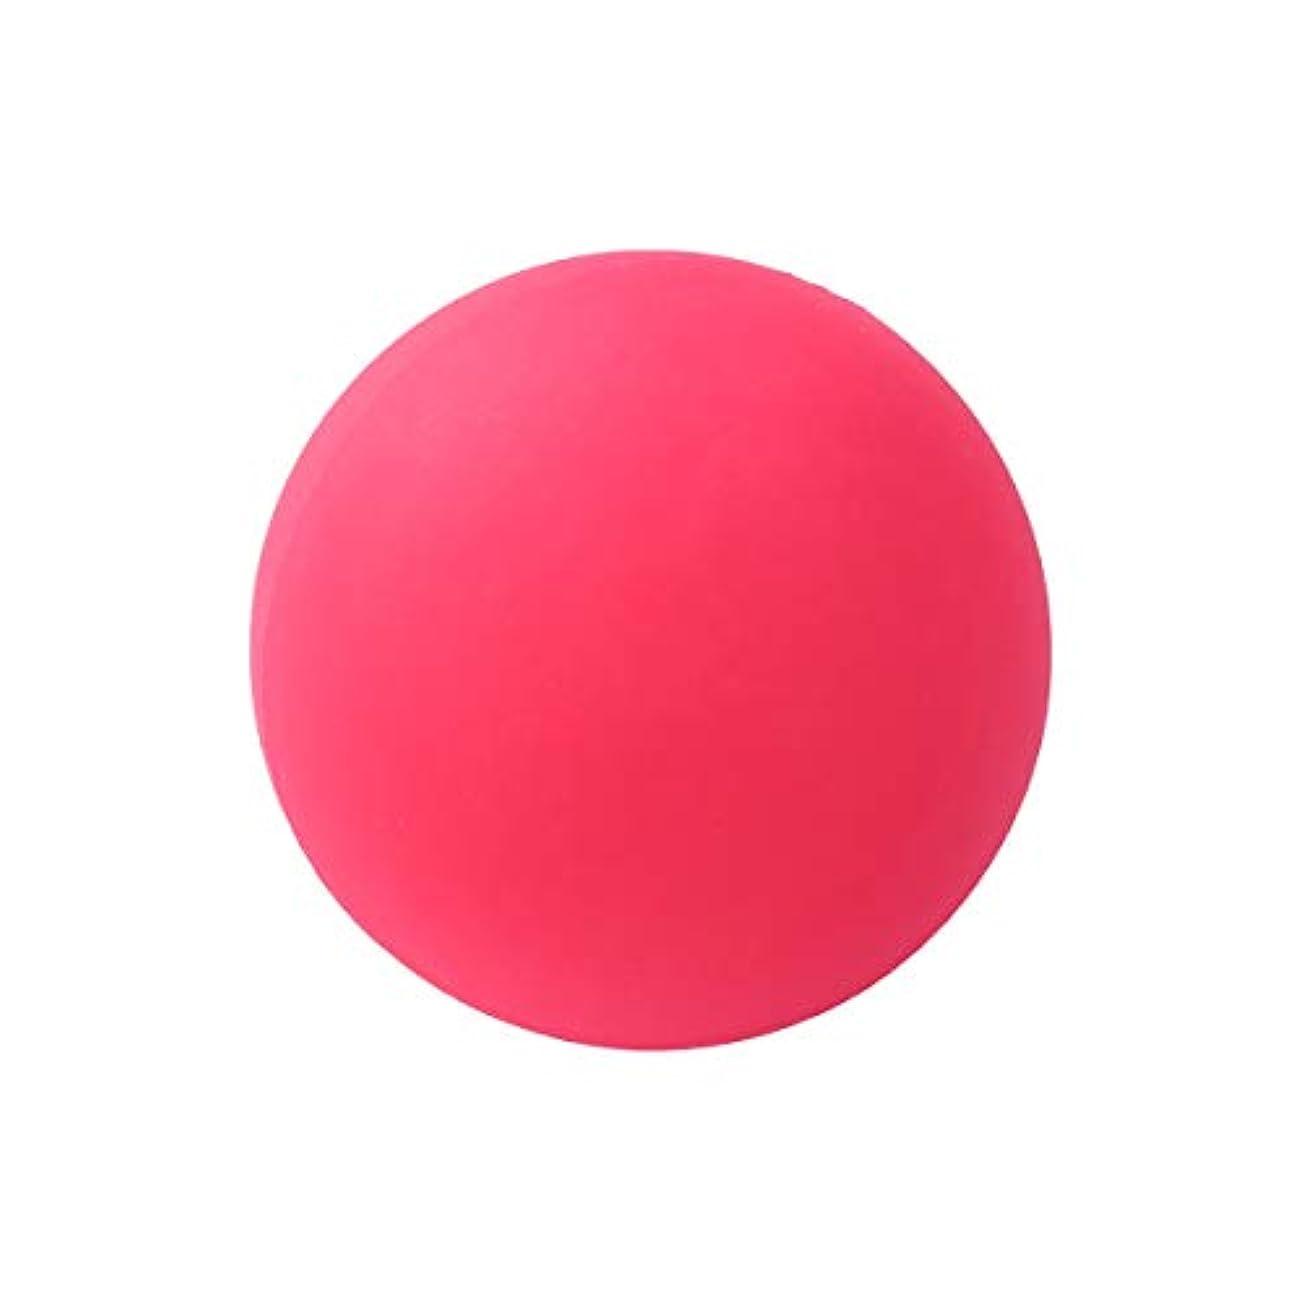 エンティティ北へ矛盾VORCOOL マッサージボール ヨガ ストレッチボール トリガーポイント 筋膜リリース トレーニング 背中 肩こり 腰 ふくらはぎ 足裏 ツボ押しグッズ 物理 マッサージ 療法ボール